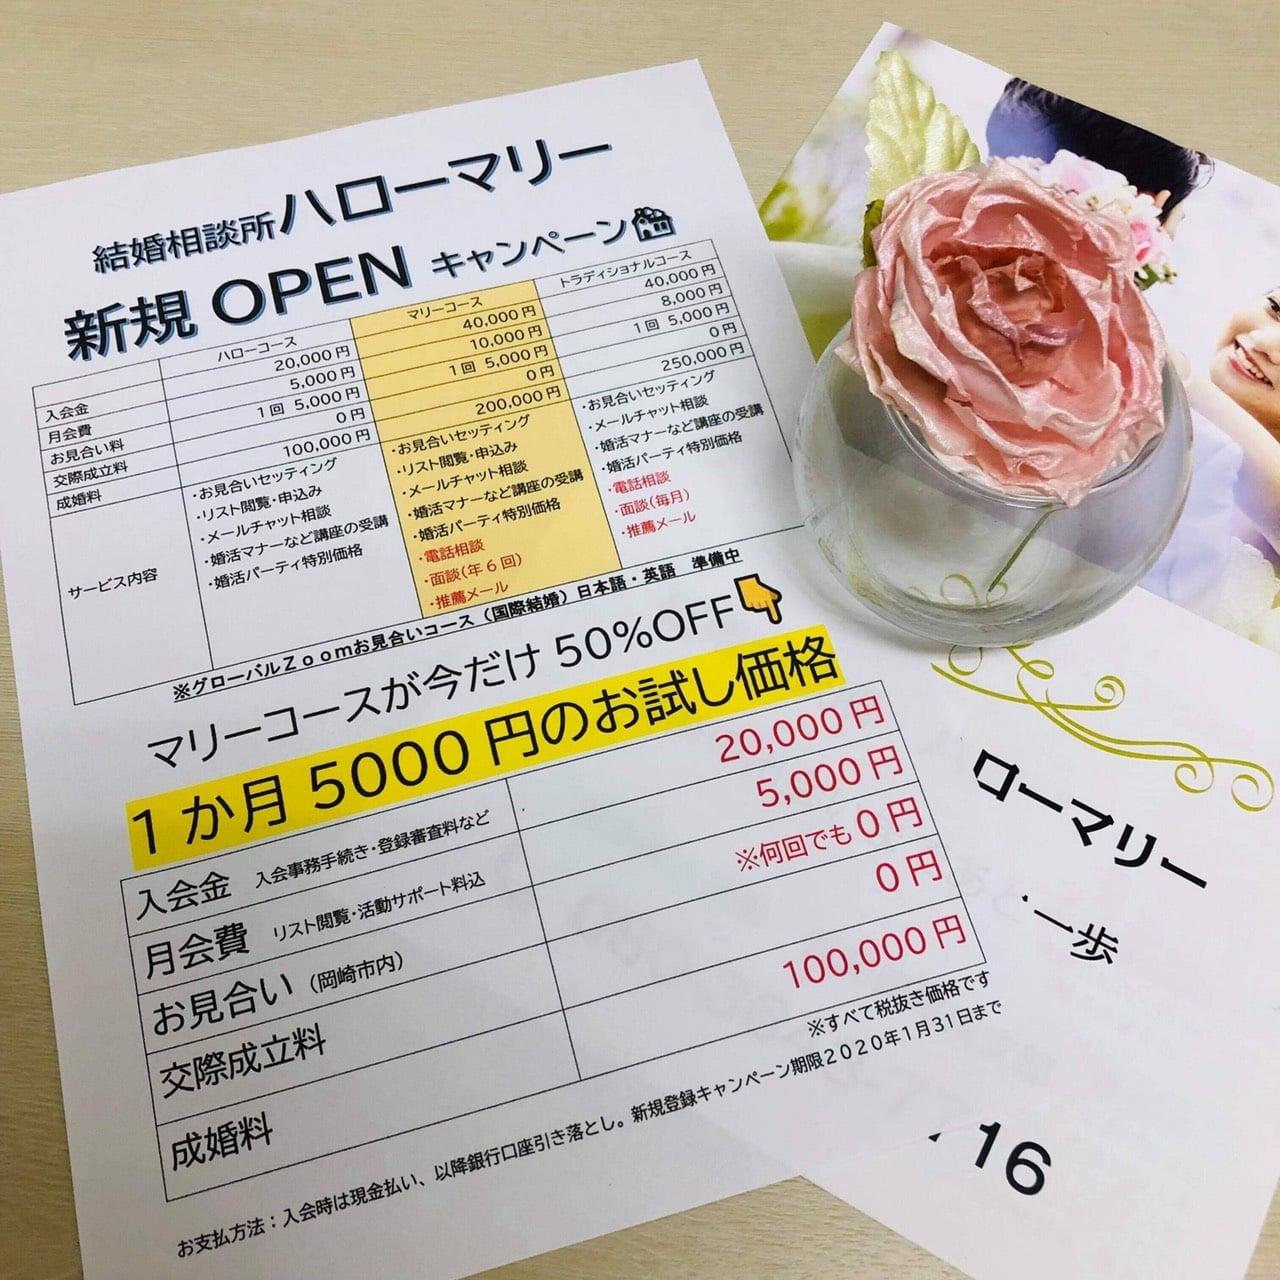 結婚相談所 ハローマリー《紹介》《特典有》     注)表記上の料金(税込330円)はかかりません。ポイント(10ポイント)も対象外となります。のイメージその2